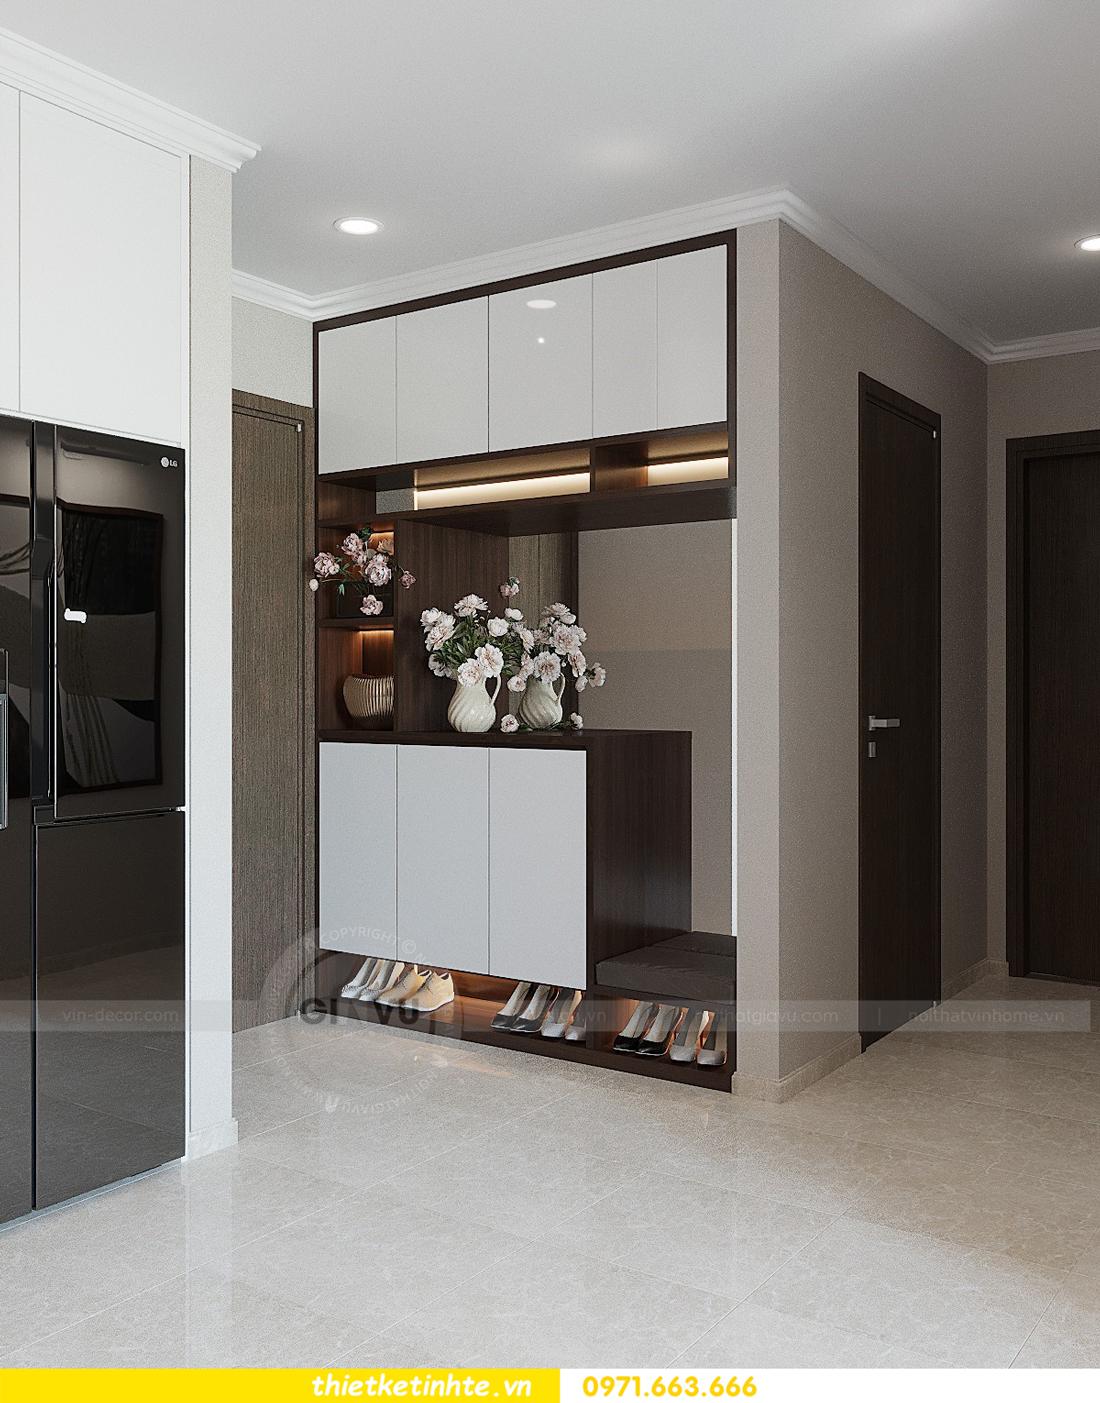 ý tưởng thiết kế nội thất cho căn hộ chung cư diện tích nhỏ 1